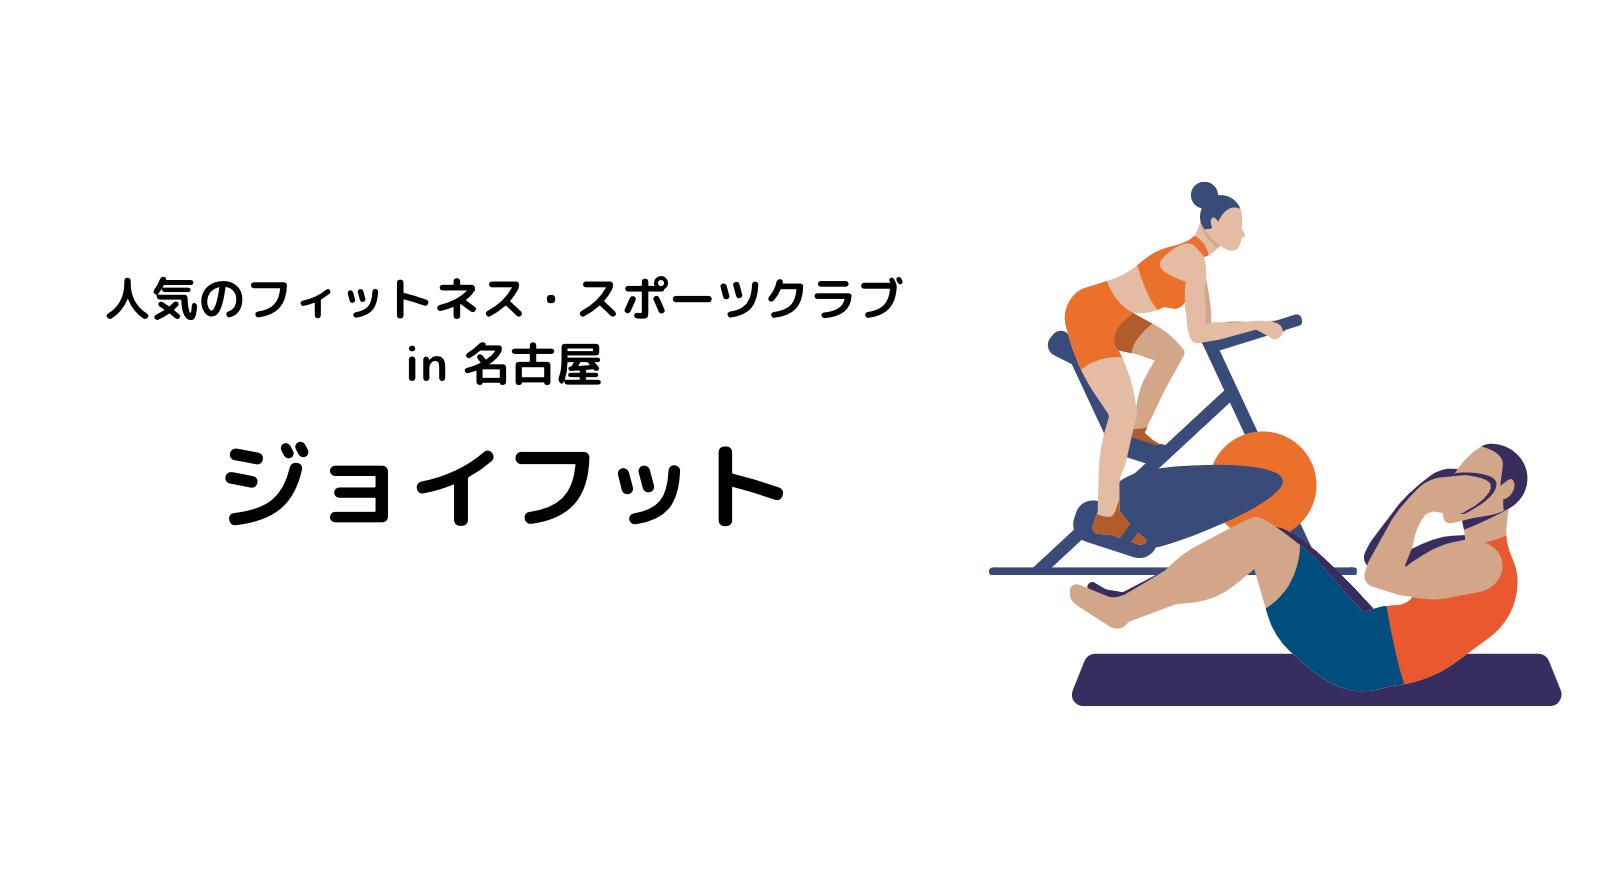 名古屋_ジム_フィットネスジム_スポーツジム_フィットネスクラブ_スポーツクラブ_おすすめ_人気_ランキング_ジョイフット